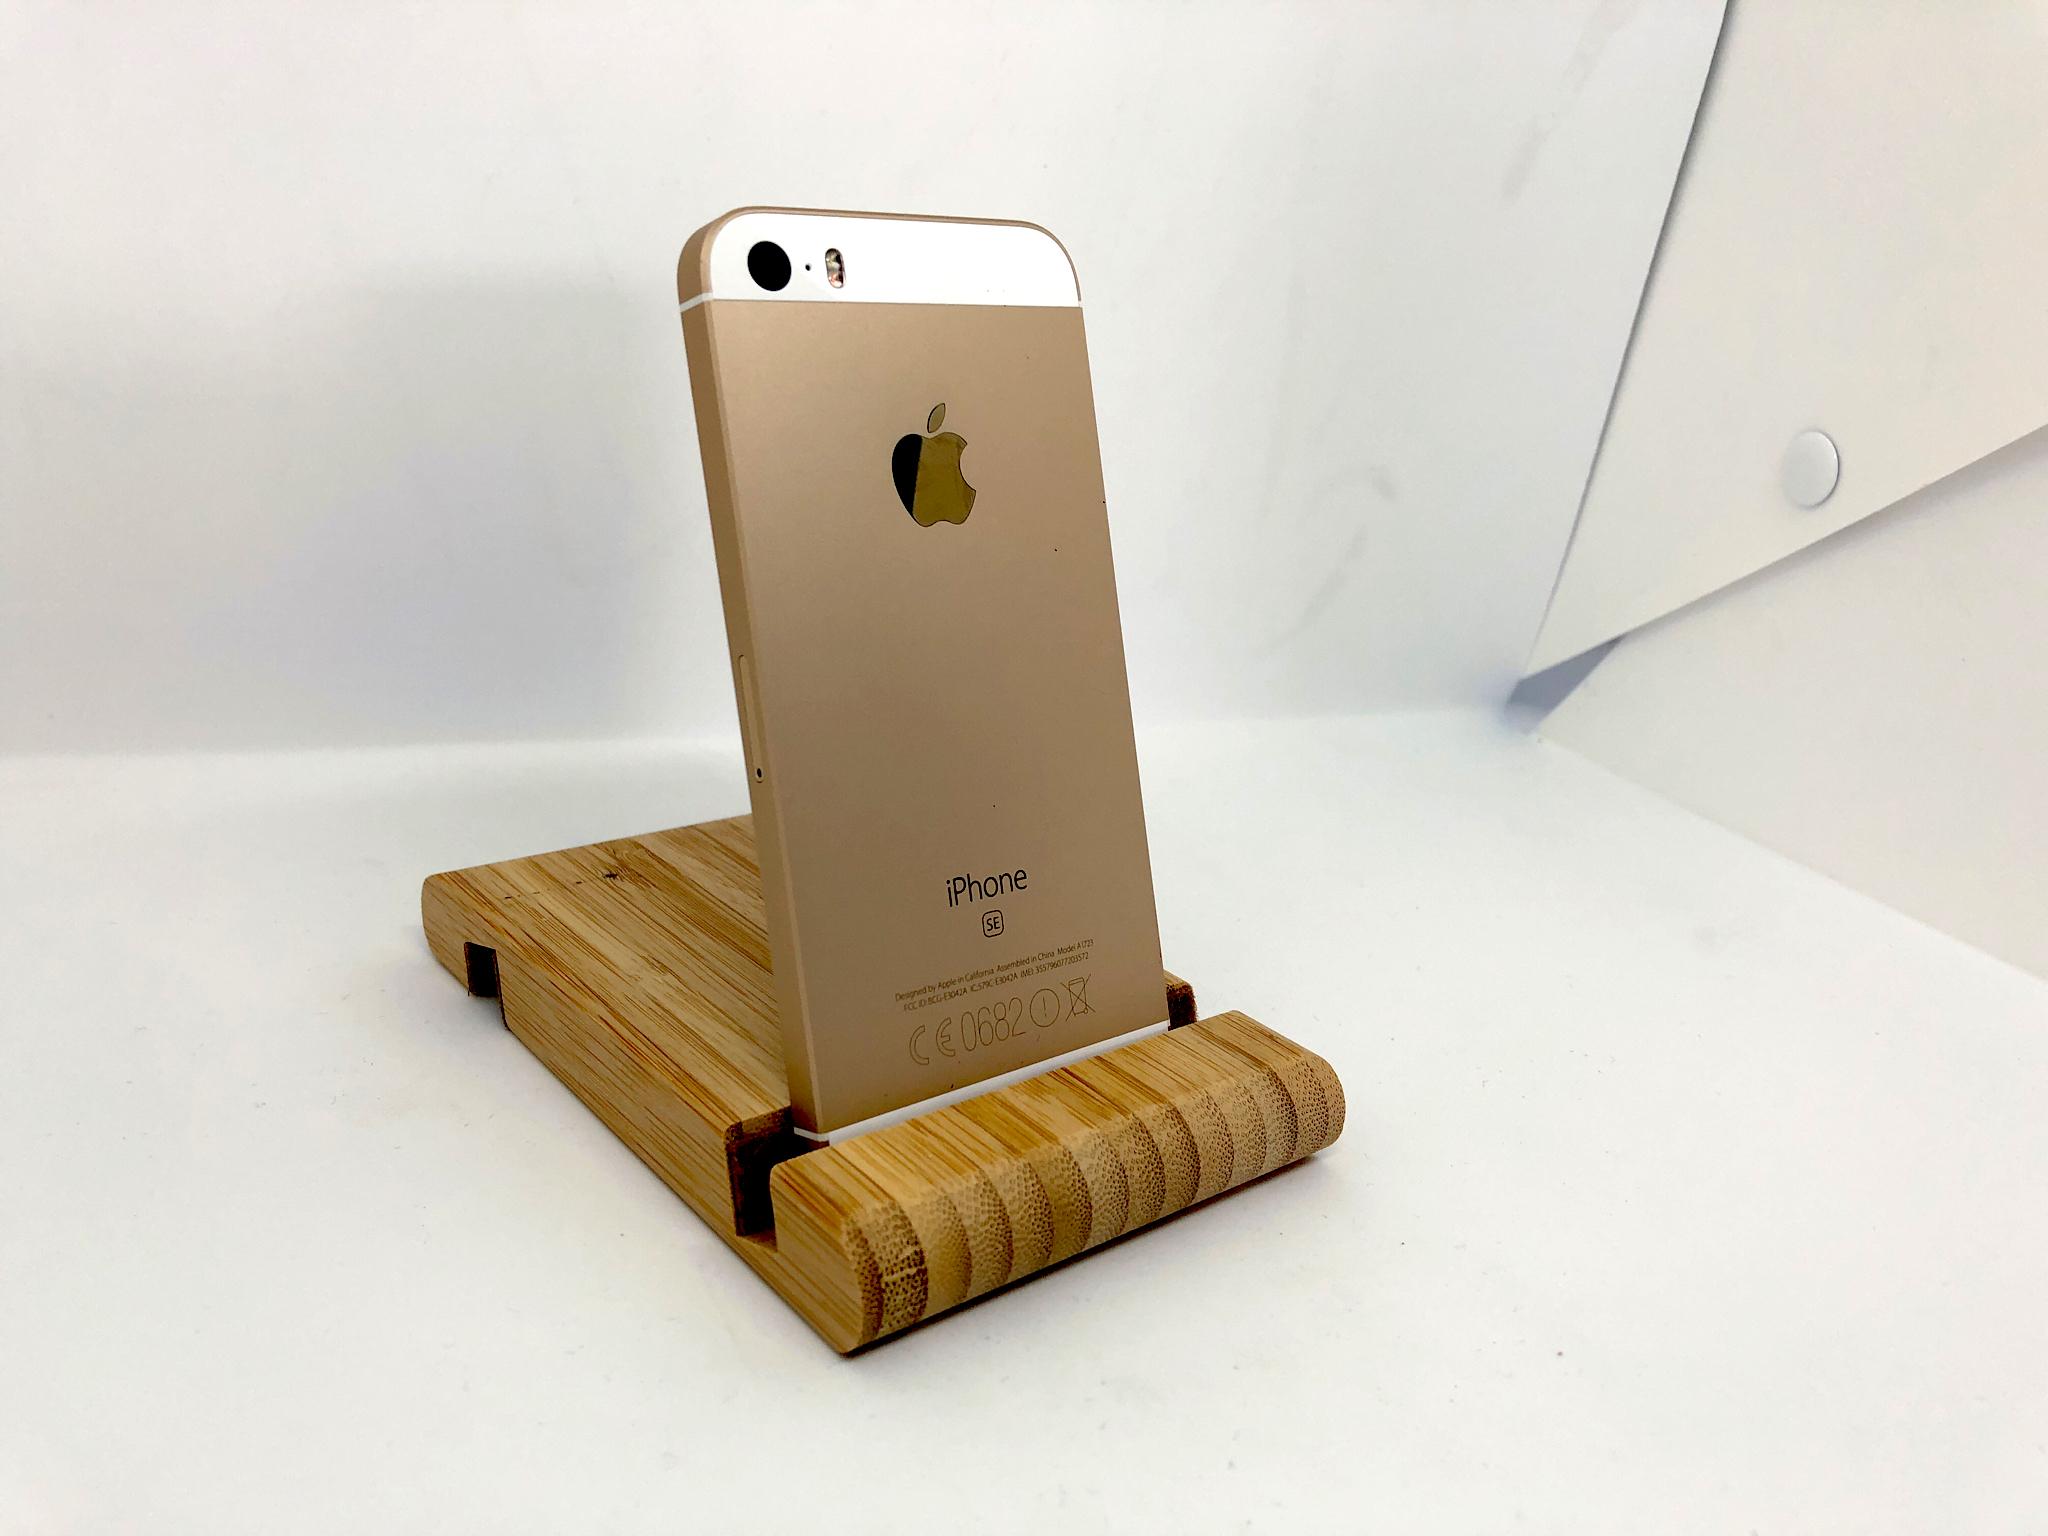 iPhone SE 16GB, 16 GB, Gold, bild 2